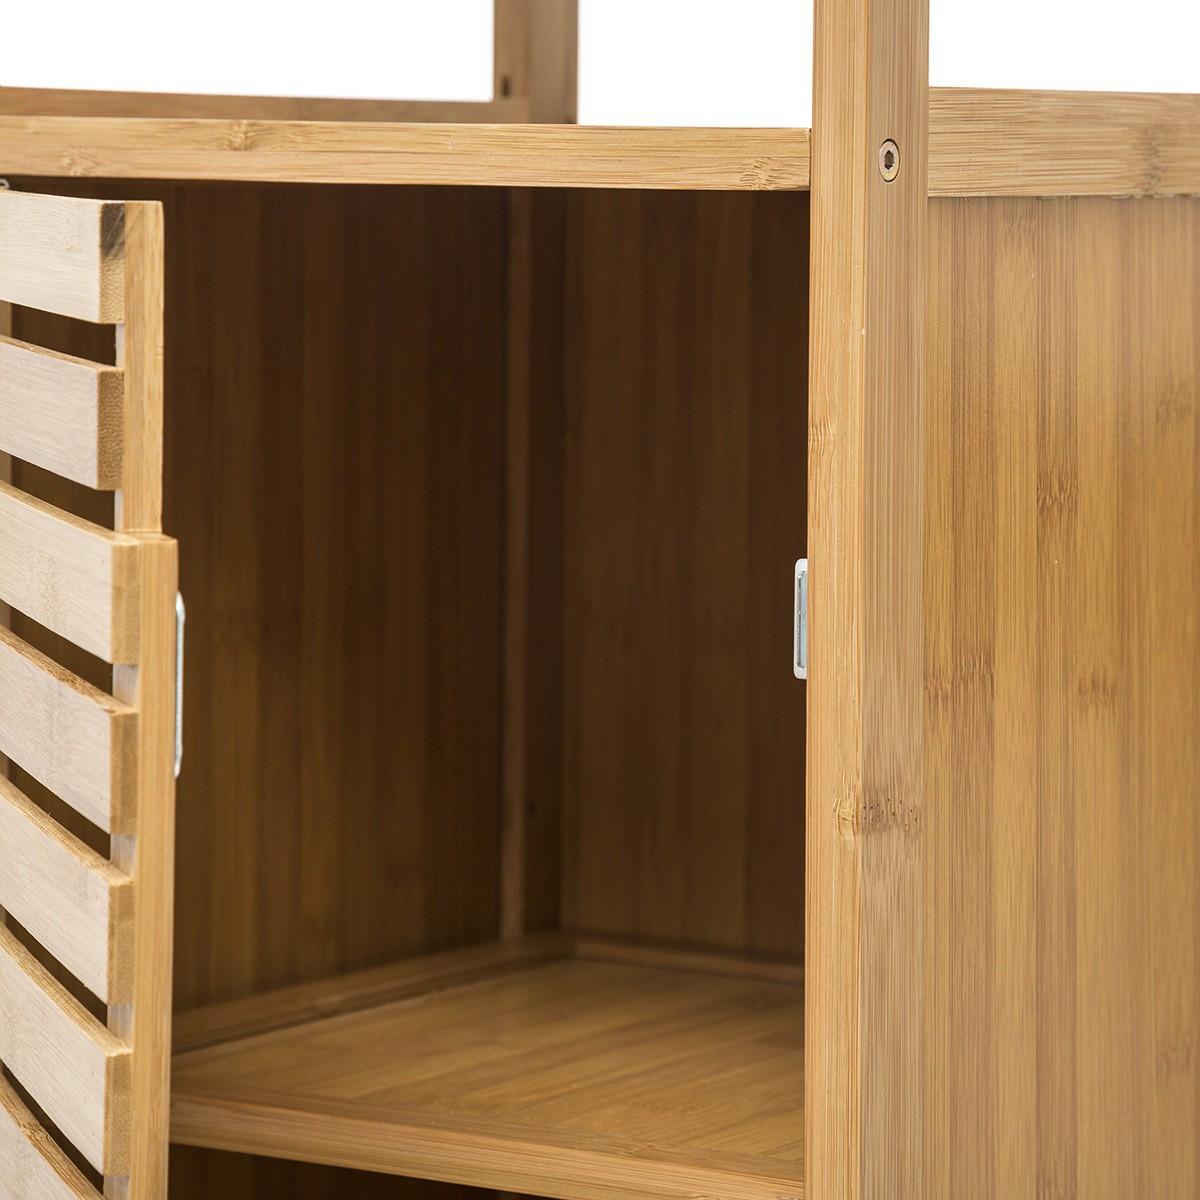 Meuble Bas De Salle De Bain Sicela Bambou - Decoratie.fr pour Meuble Bas